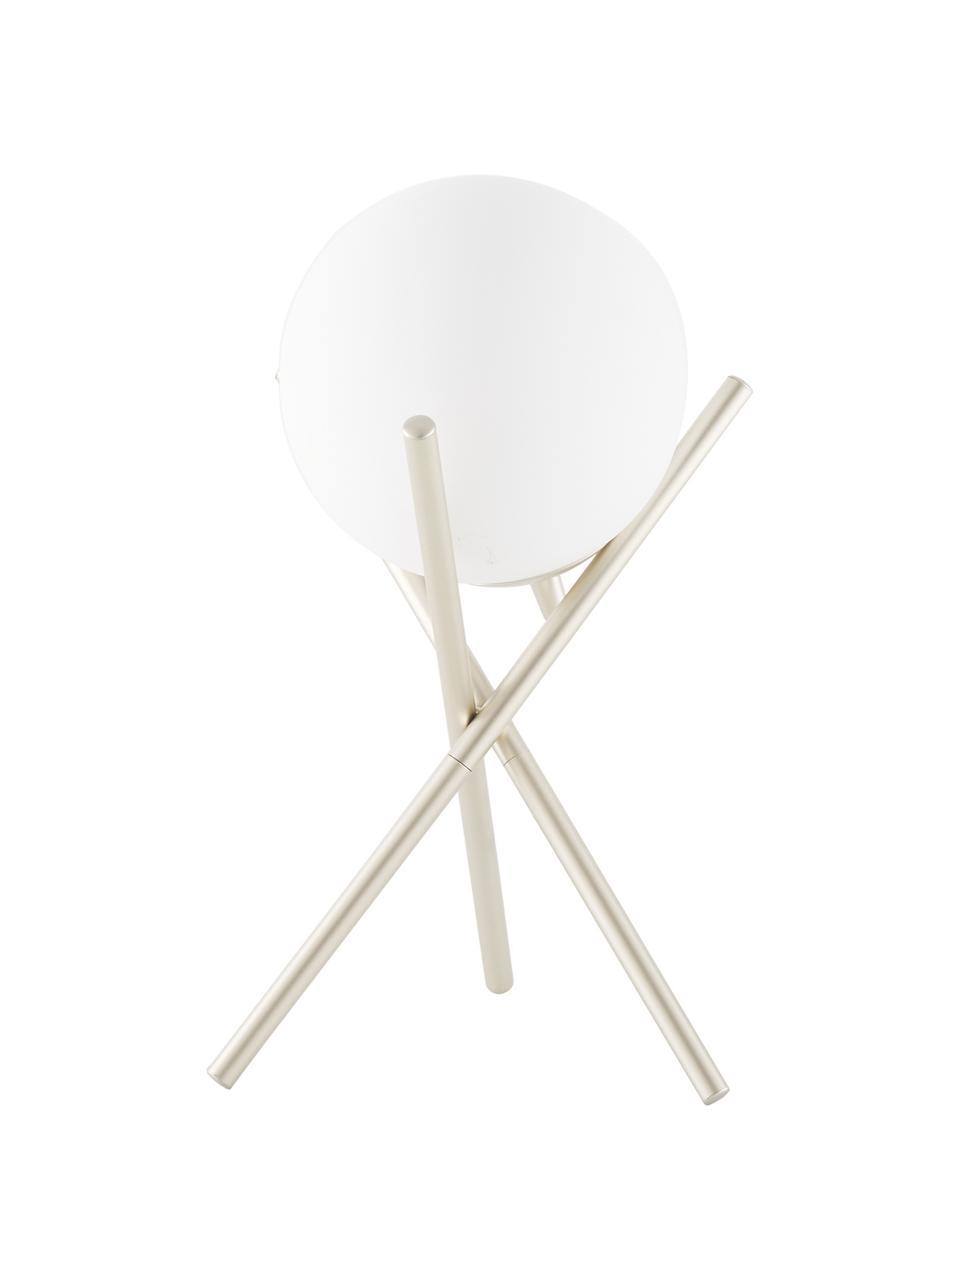 Kleine Tripod Tischlampe Erik mit Glasschirm, Lampenschirm: Glas, Lampenfuß: Metall, lackiert, Weiß, Champagnerfarben, Ø 15 x H 33 cm